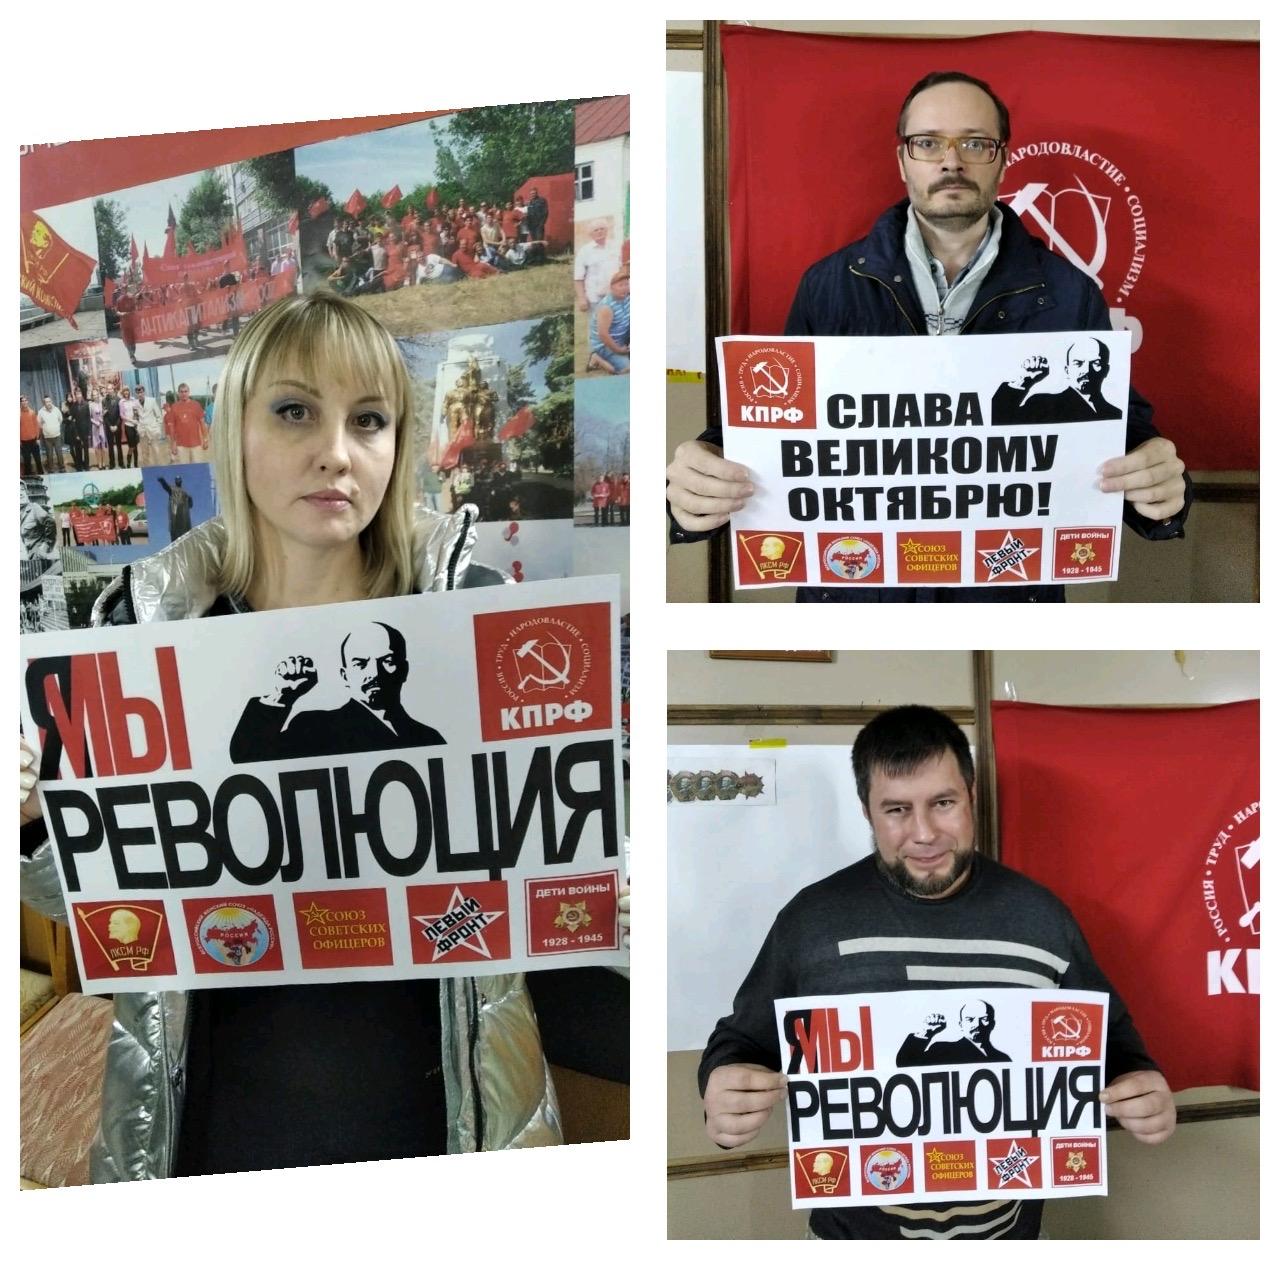 Саратовские коммунисты провели флешмоб #Я МЫ РЕВОЛЮЦИЯ